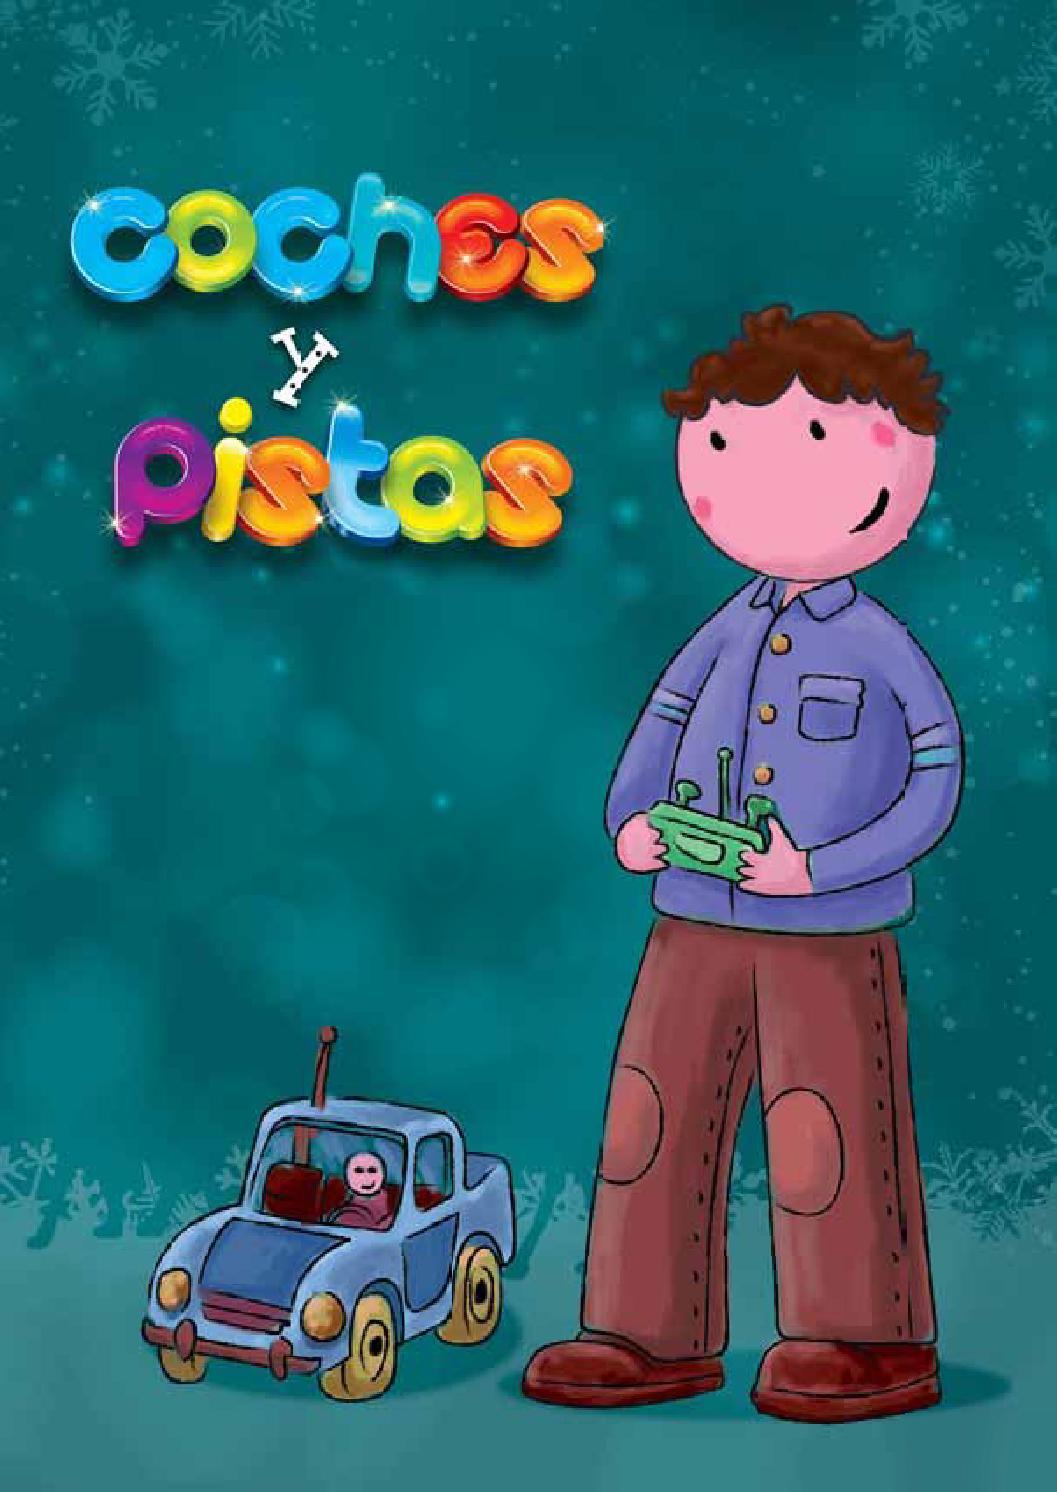 Coches By Corte Pistas Y Losdescuentos El Issuu Ingles uc3l1TFK5J